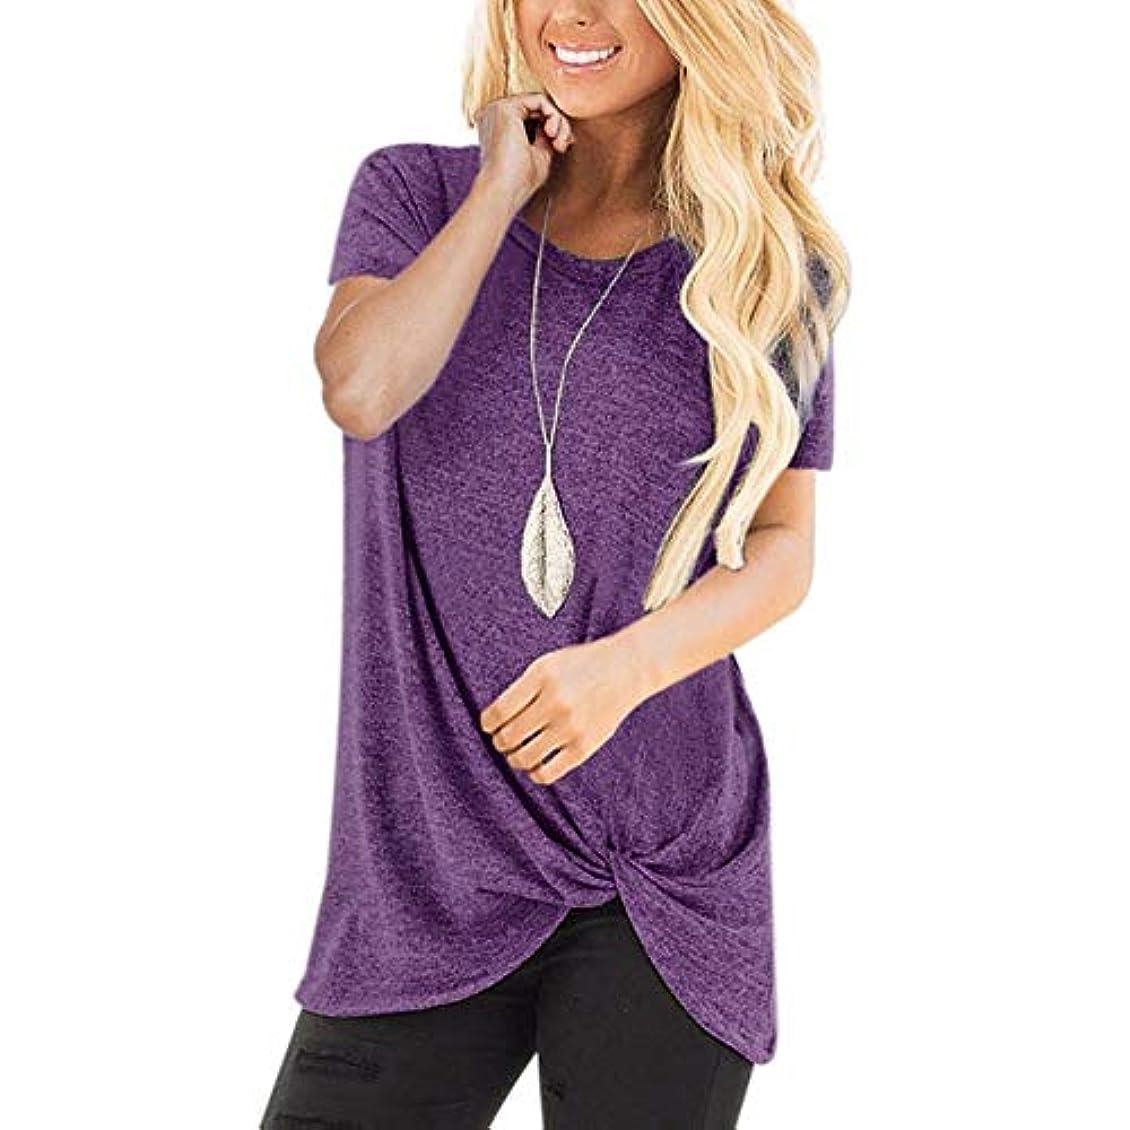 なる絵輸送MIFAN コットンTシャツ、カジュアルTシャツ、レディースブラウス、トップス&Tシャツ、プラスサイズ、ルーズtシャツ